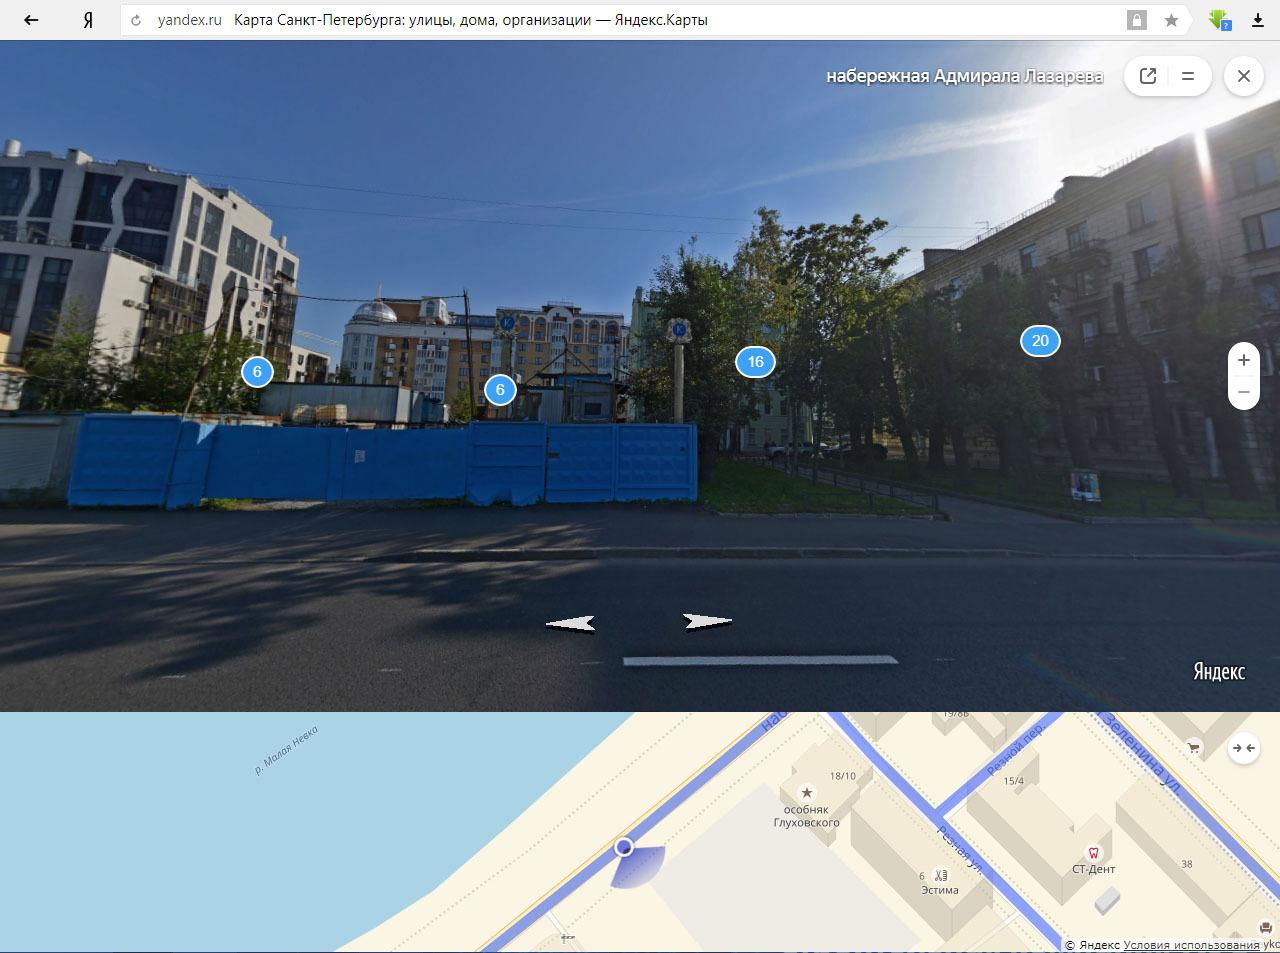 """Участок """"Л1"""" на набережной адмирала Лазарева (Фото: скриншот страницы сервиса Яндекс.Карты)"""